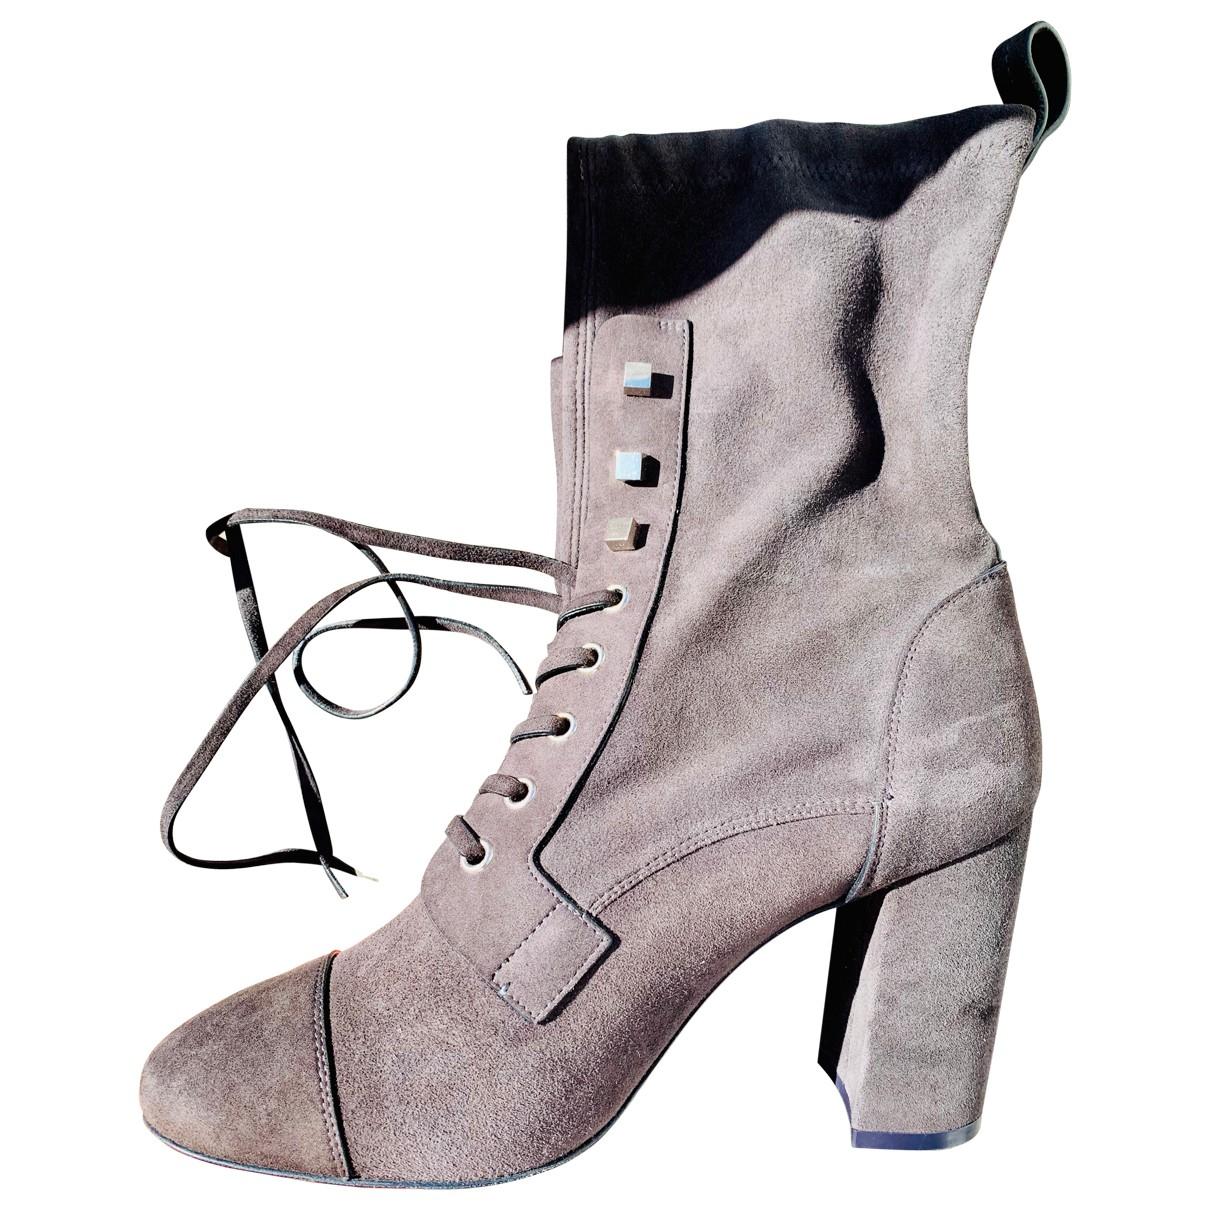 Stuart Weitzman - Boots   pour femme en suede - anthracite